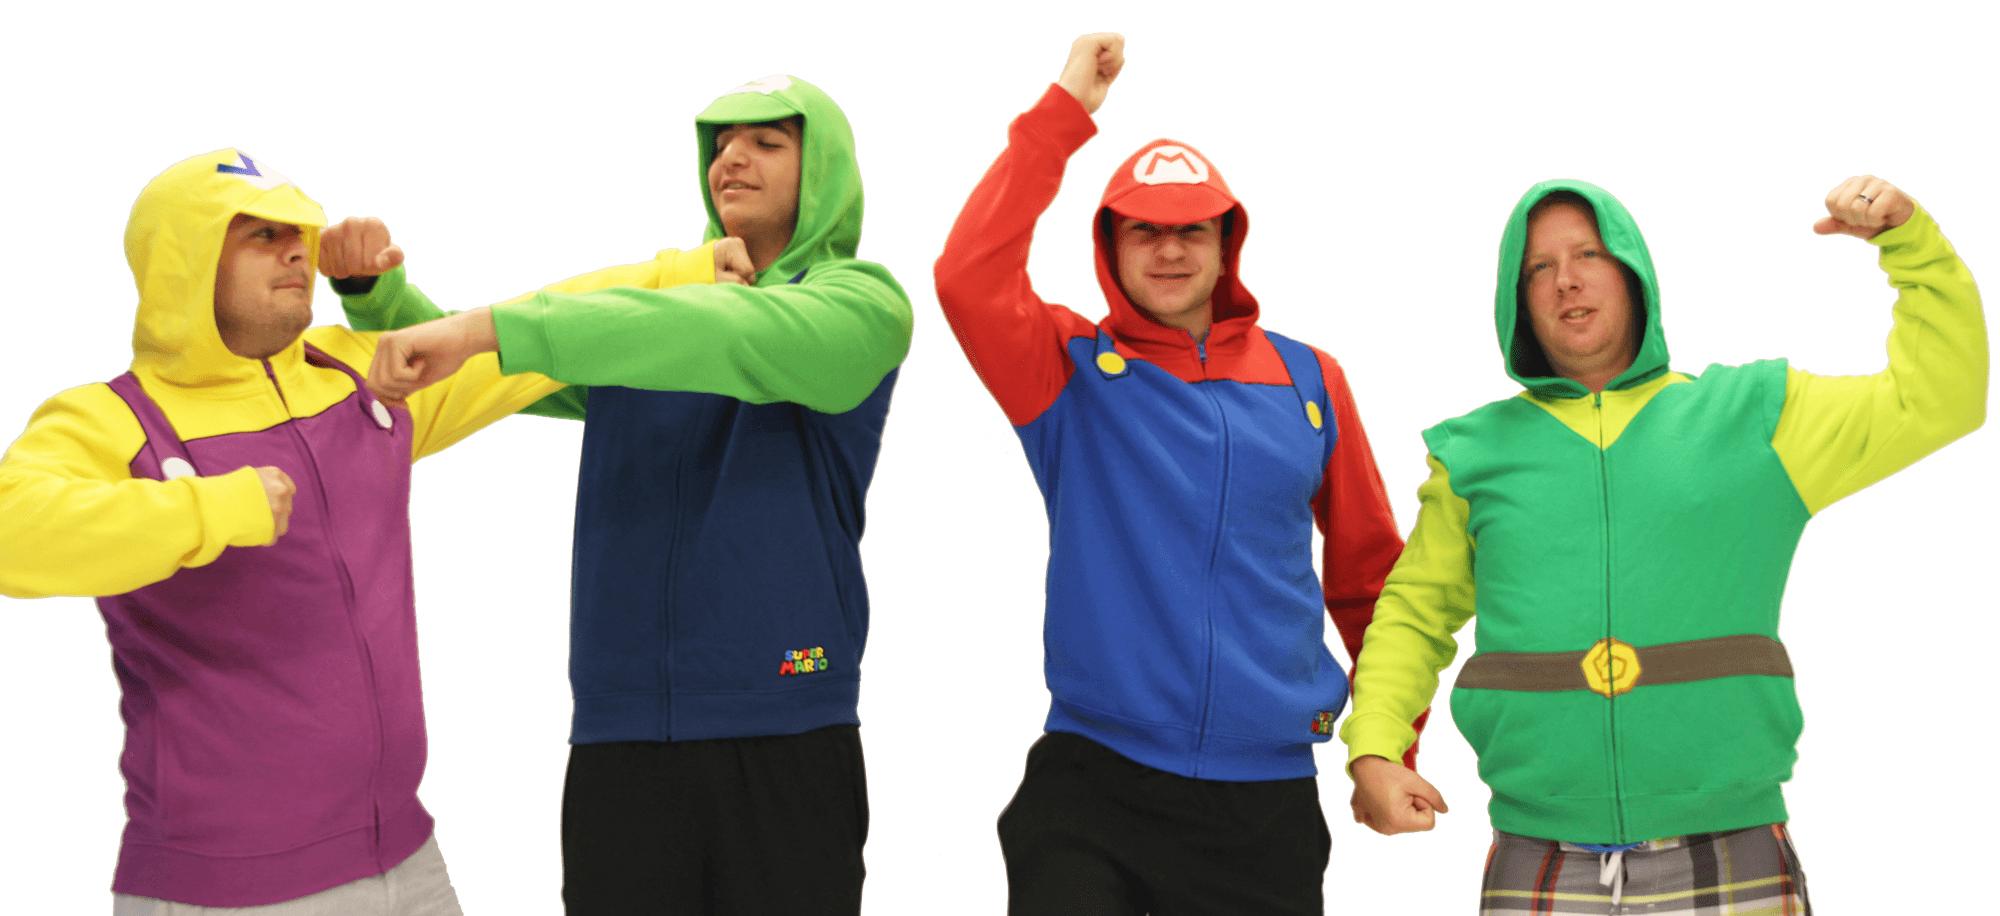 Mario Hoodie Group 3